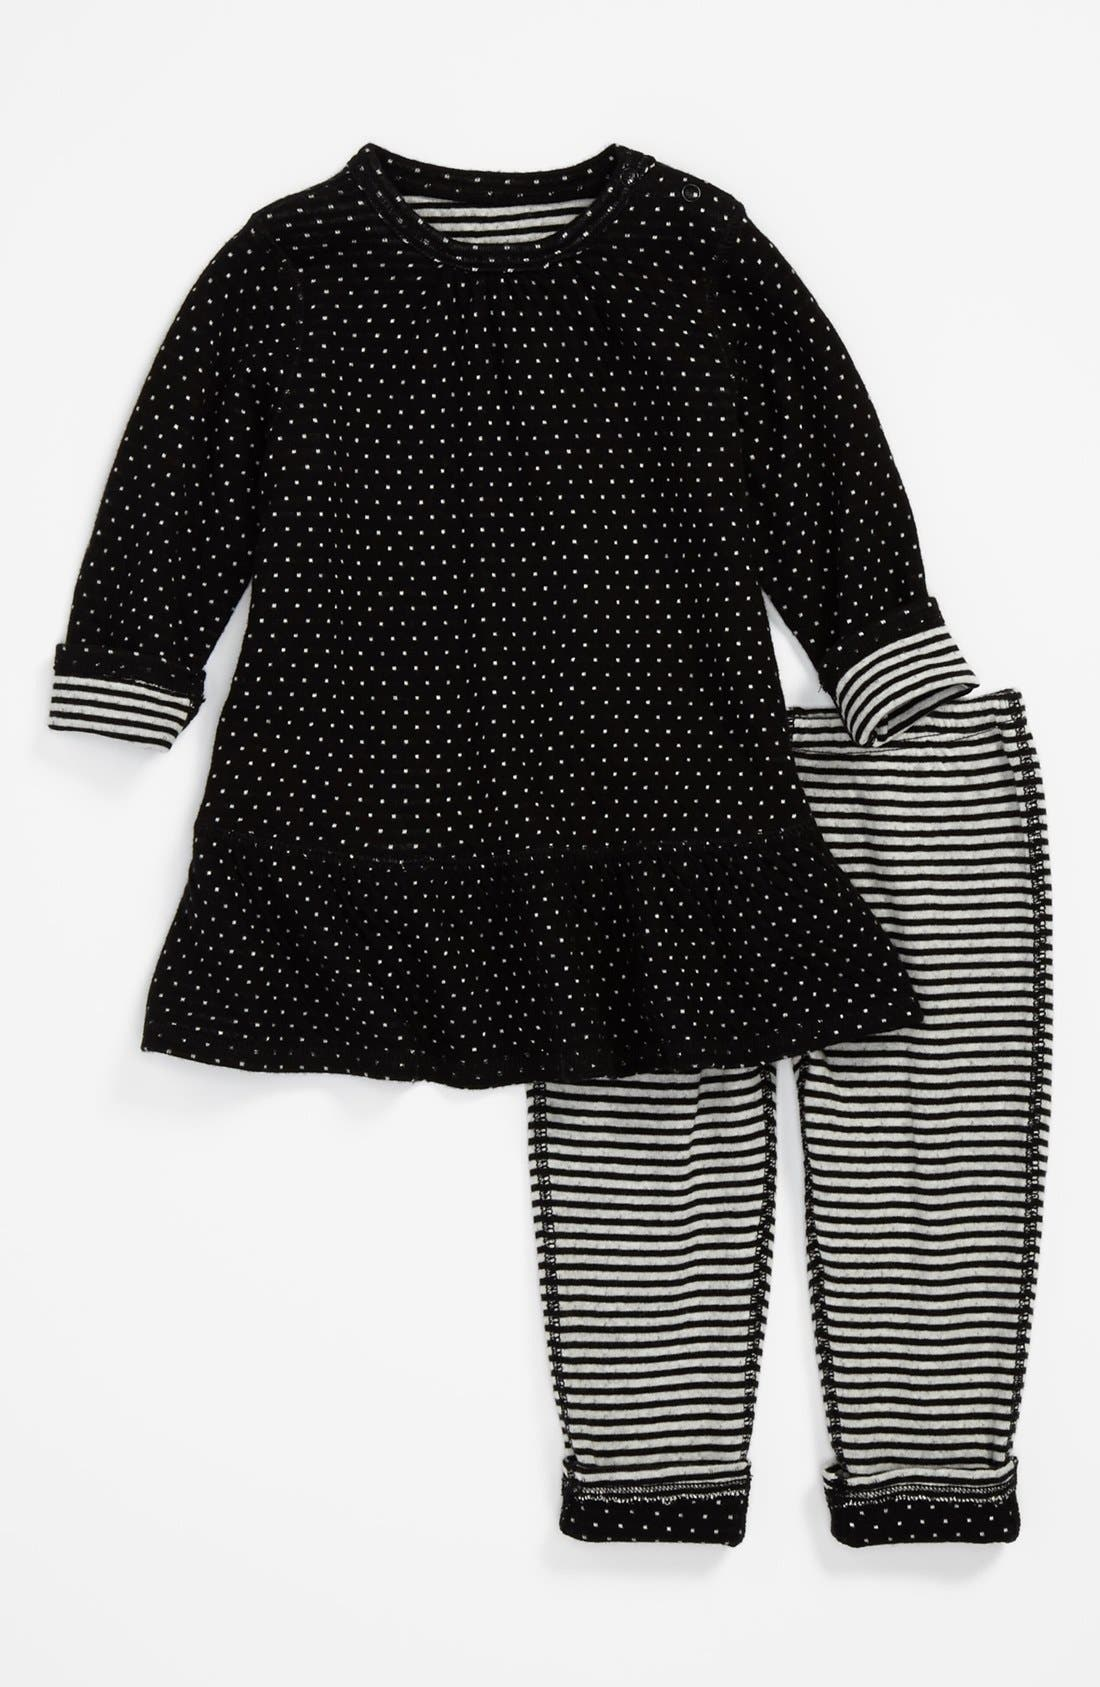 Alternate Image 1 Selected - Nordstrom Baby Reversible Dress & Leggings (Baby Girls)